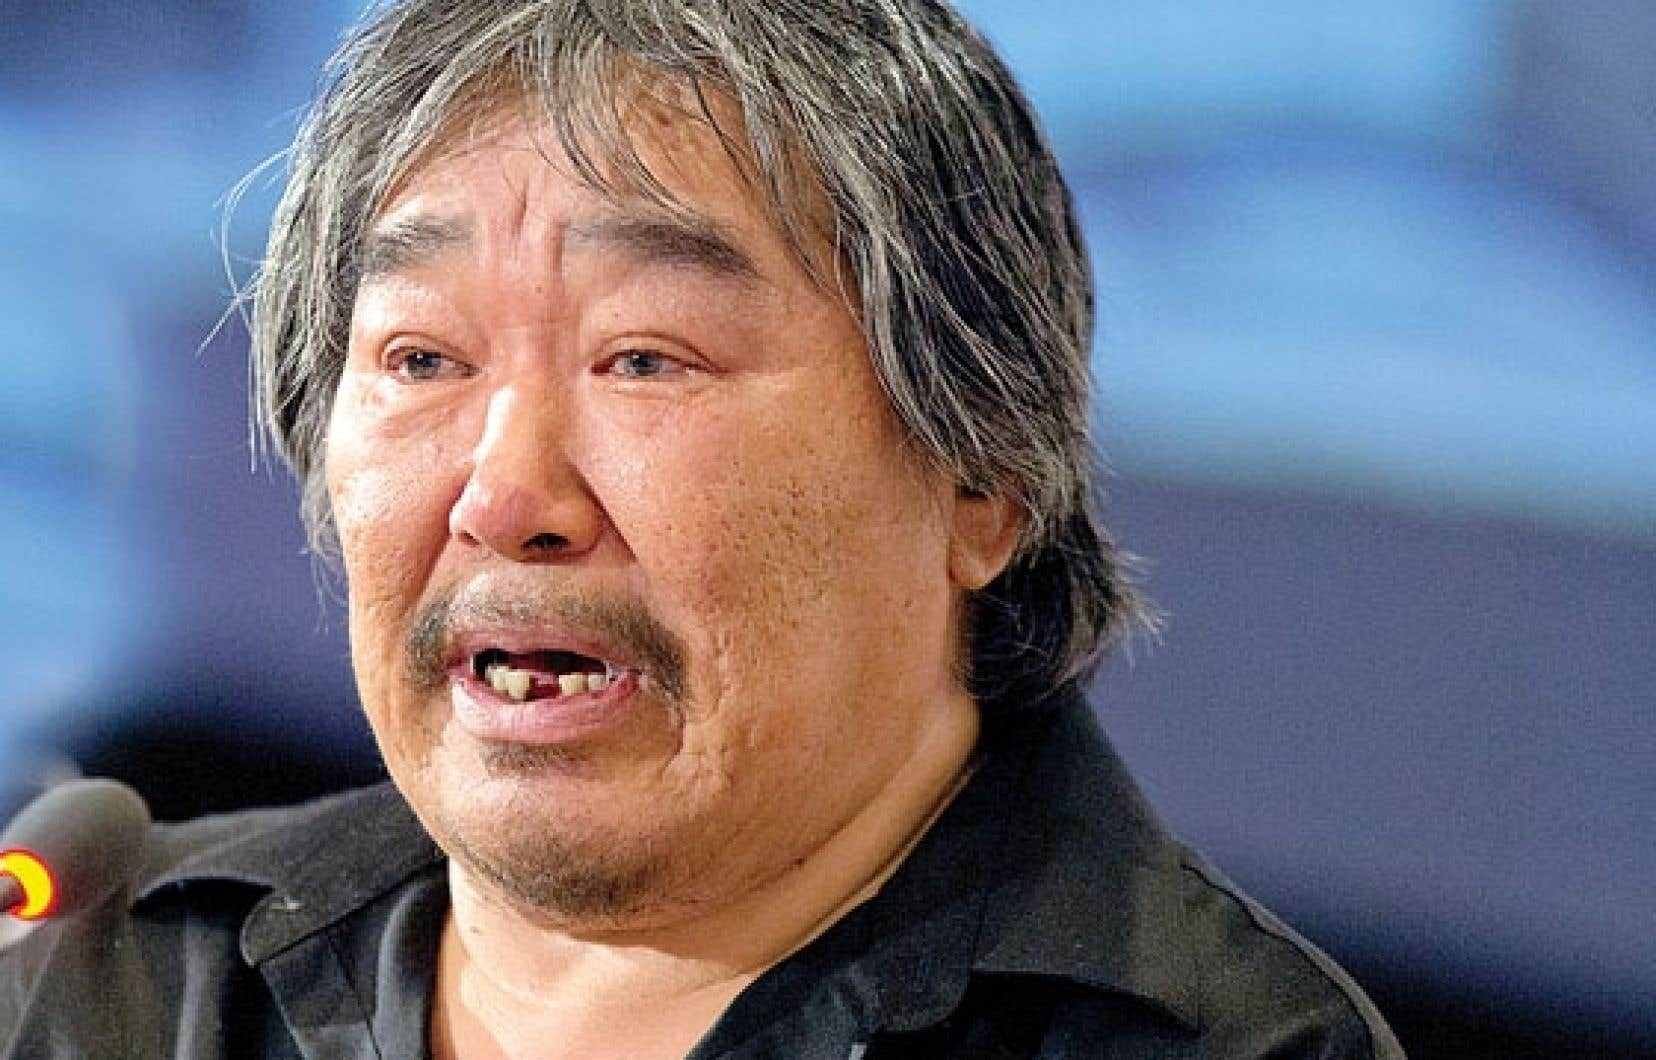 Taati Airo a fondu en larmes en relatant son passé douloureux de sévices sexuels et physiques subis dans un pensionnat autochtone.